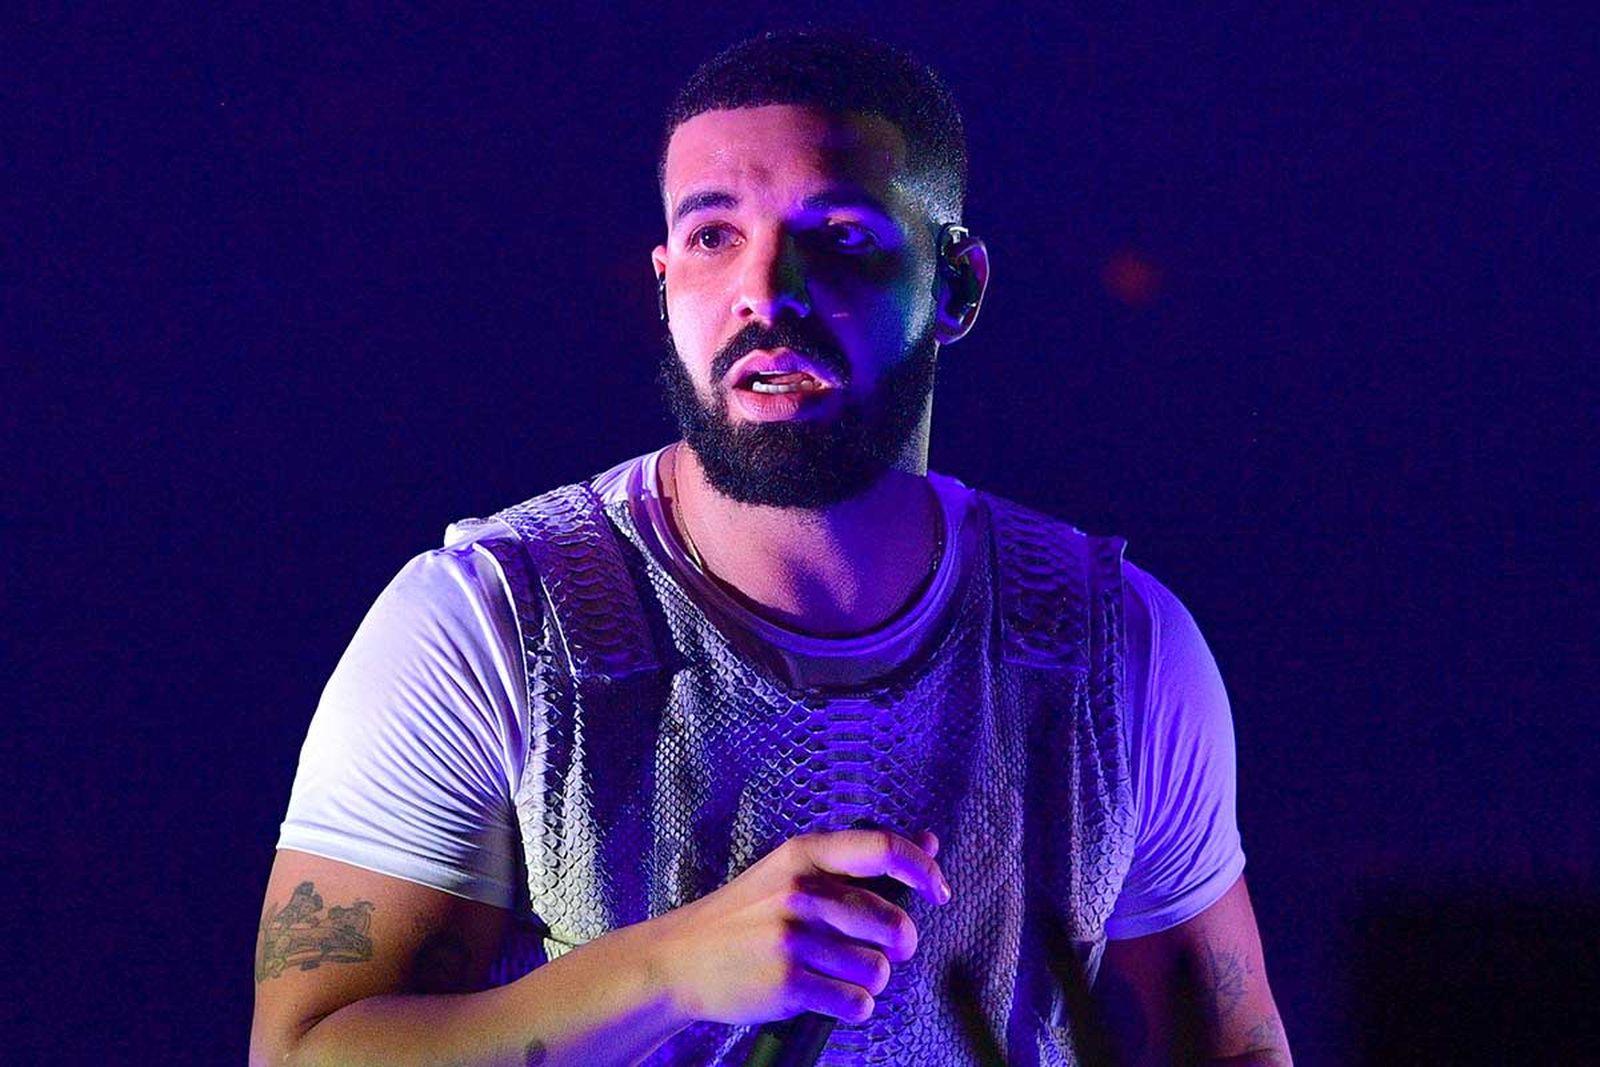 Drake performing on stage